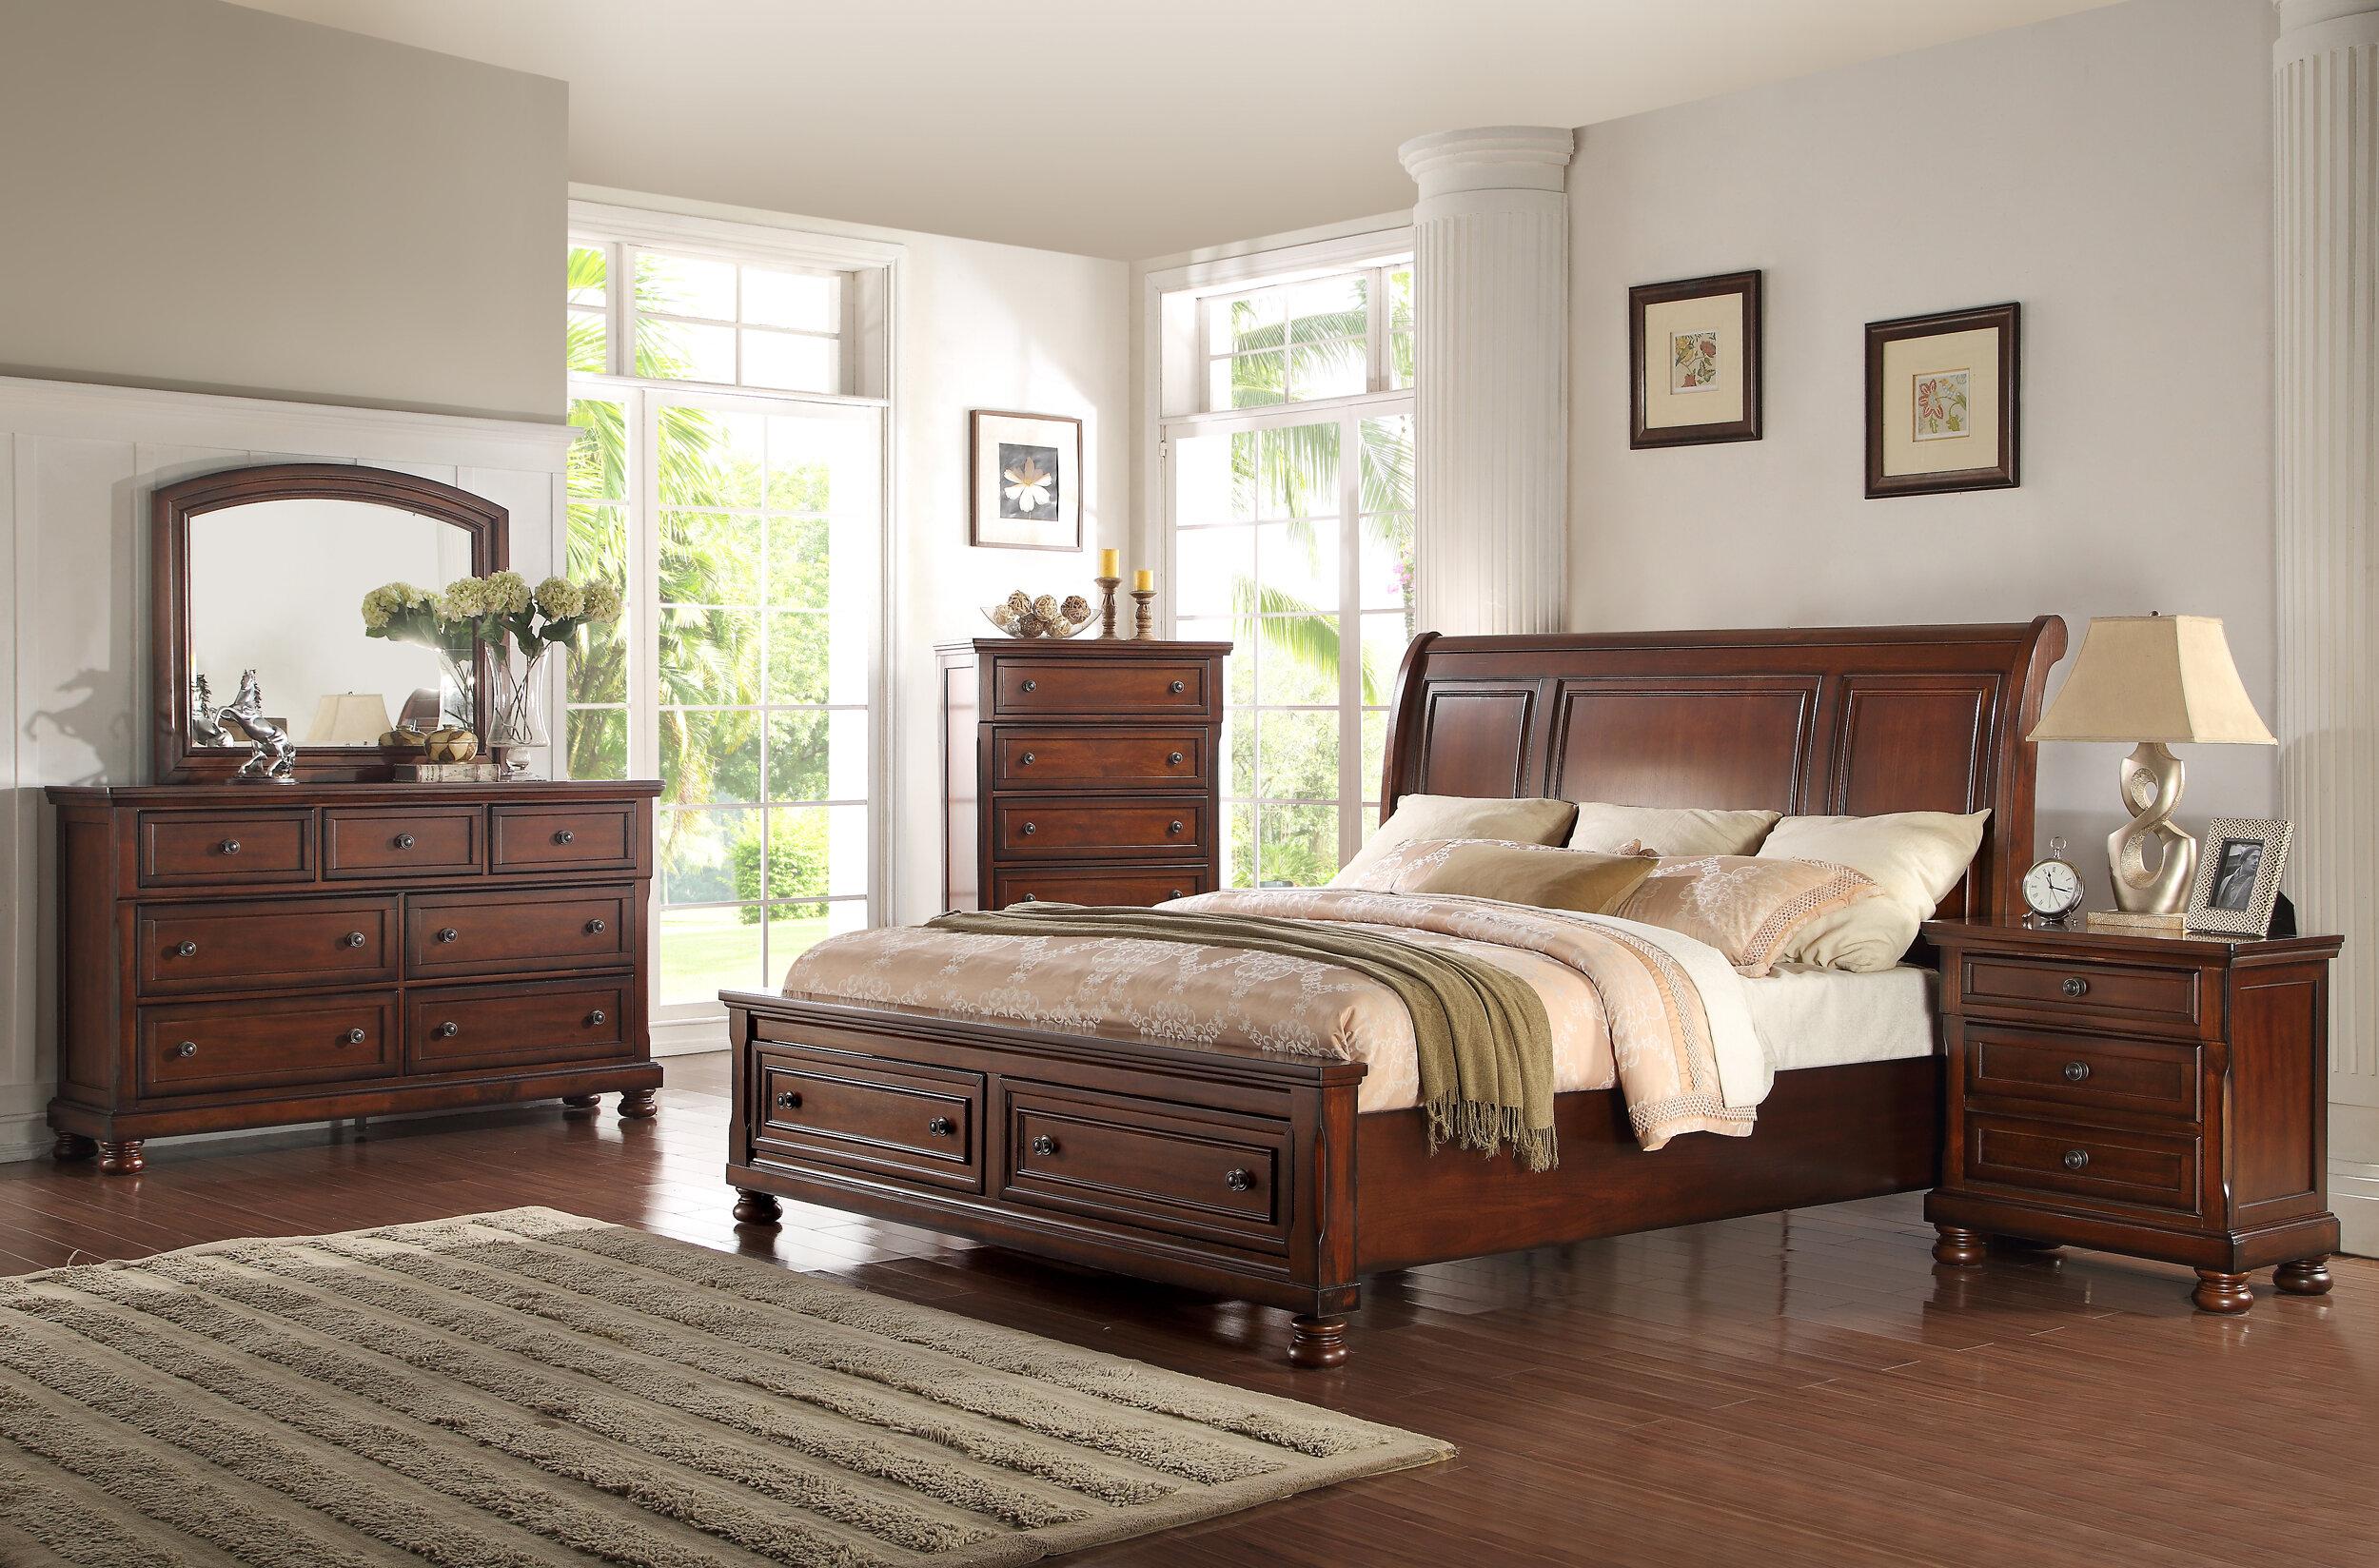 Ultimate Accents American Heritage Queen Platform 5 Piece Bedroom ...